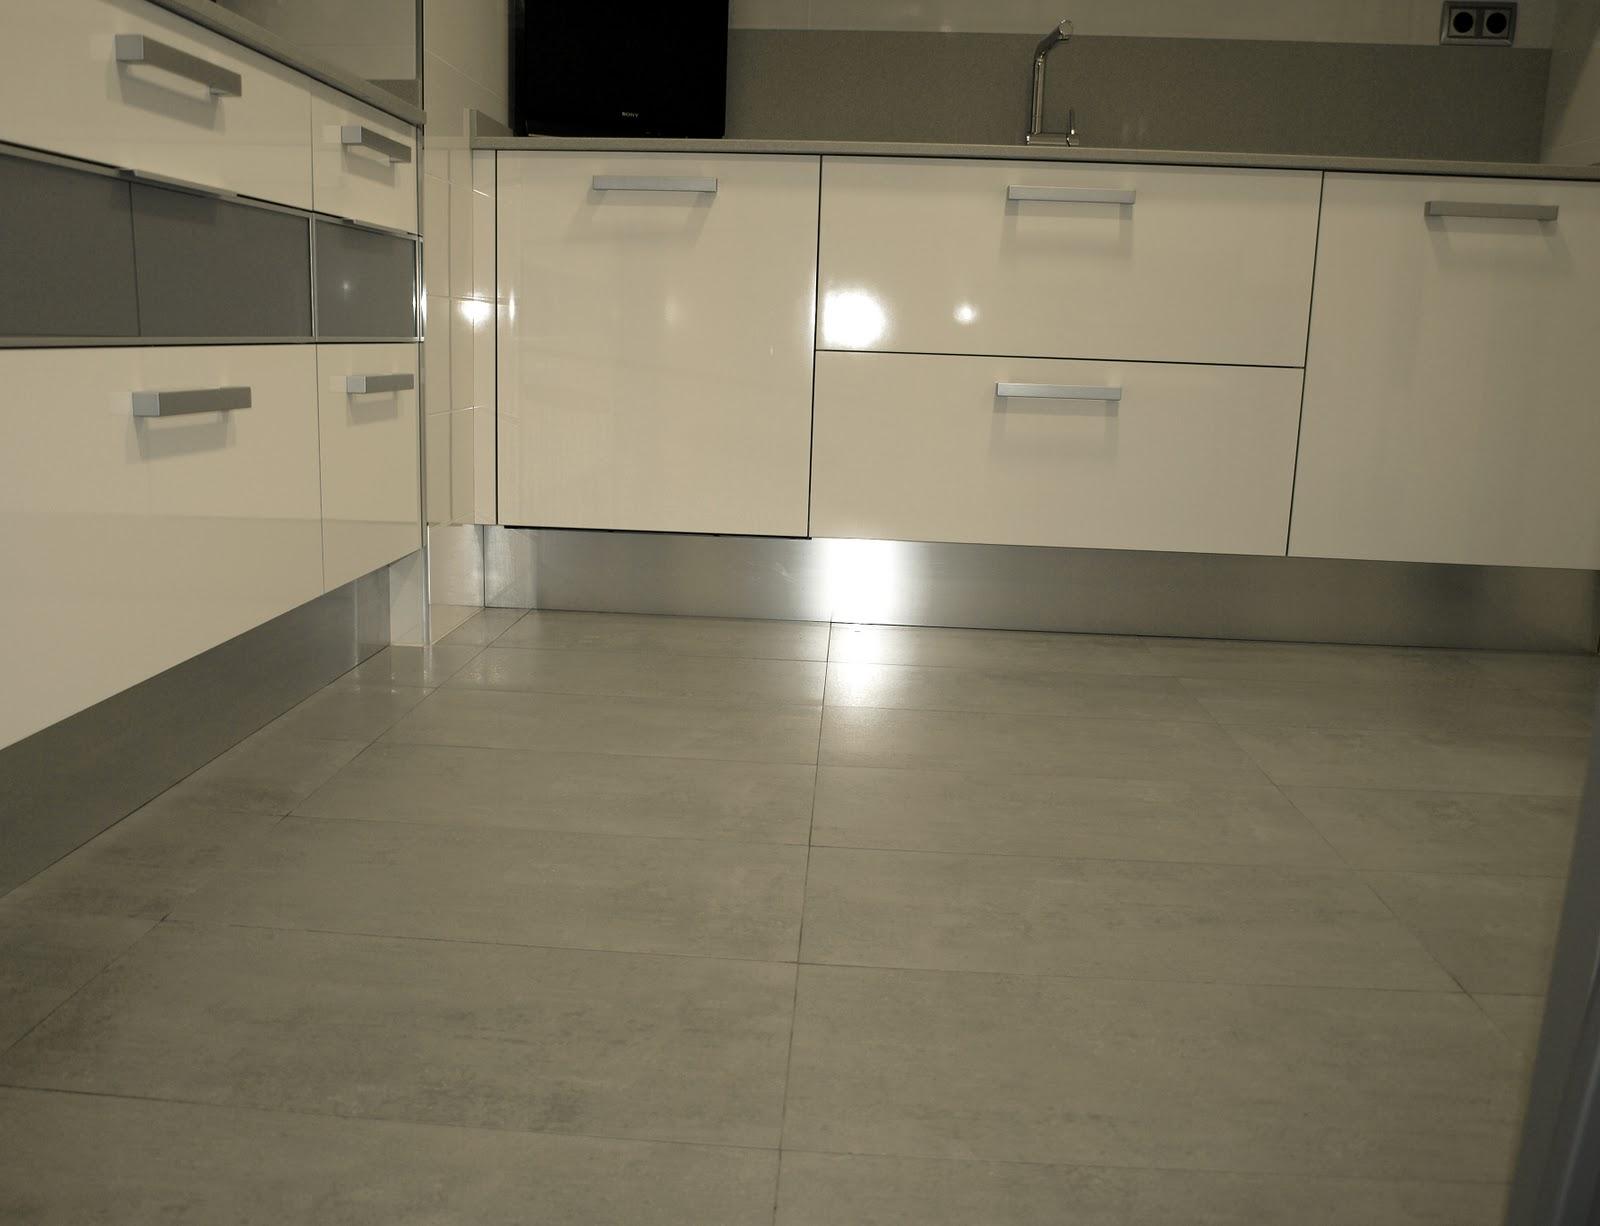 19 bonito zocalos de aluminio para muebles de cocina - Suelos imitacion parquet ...